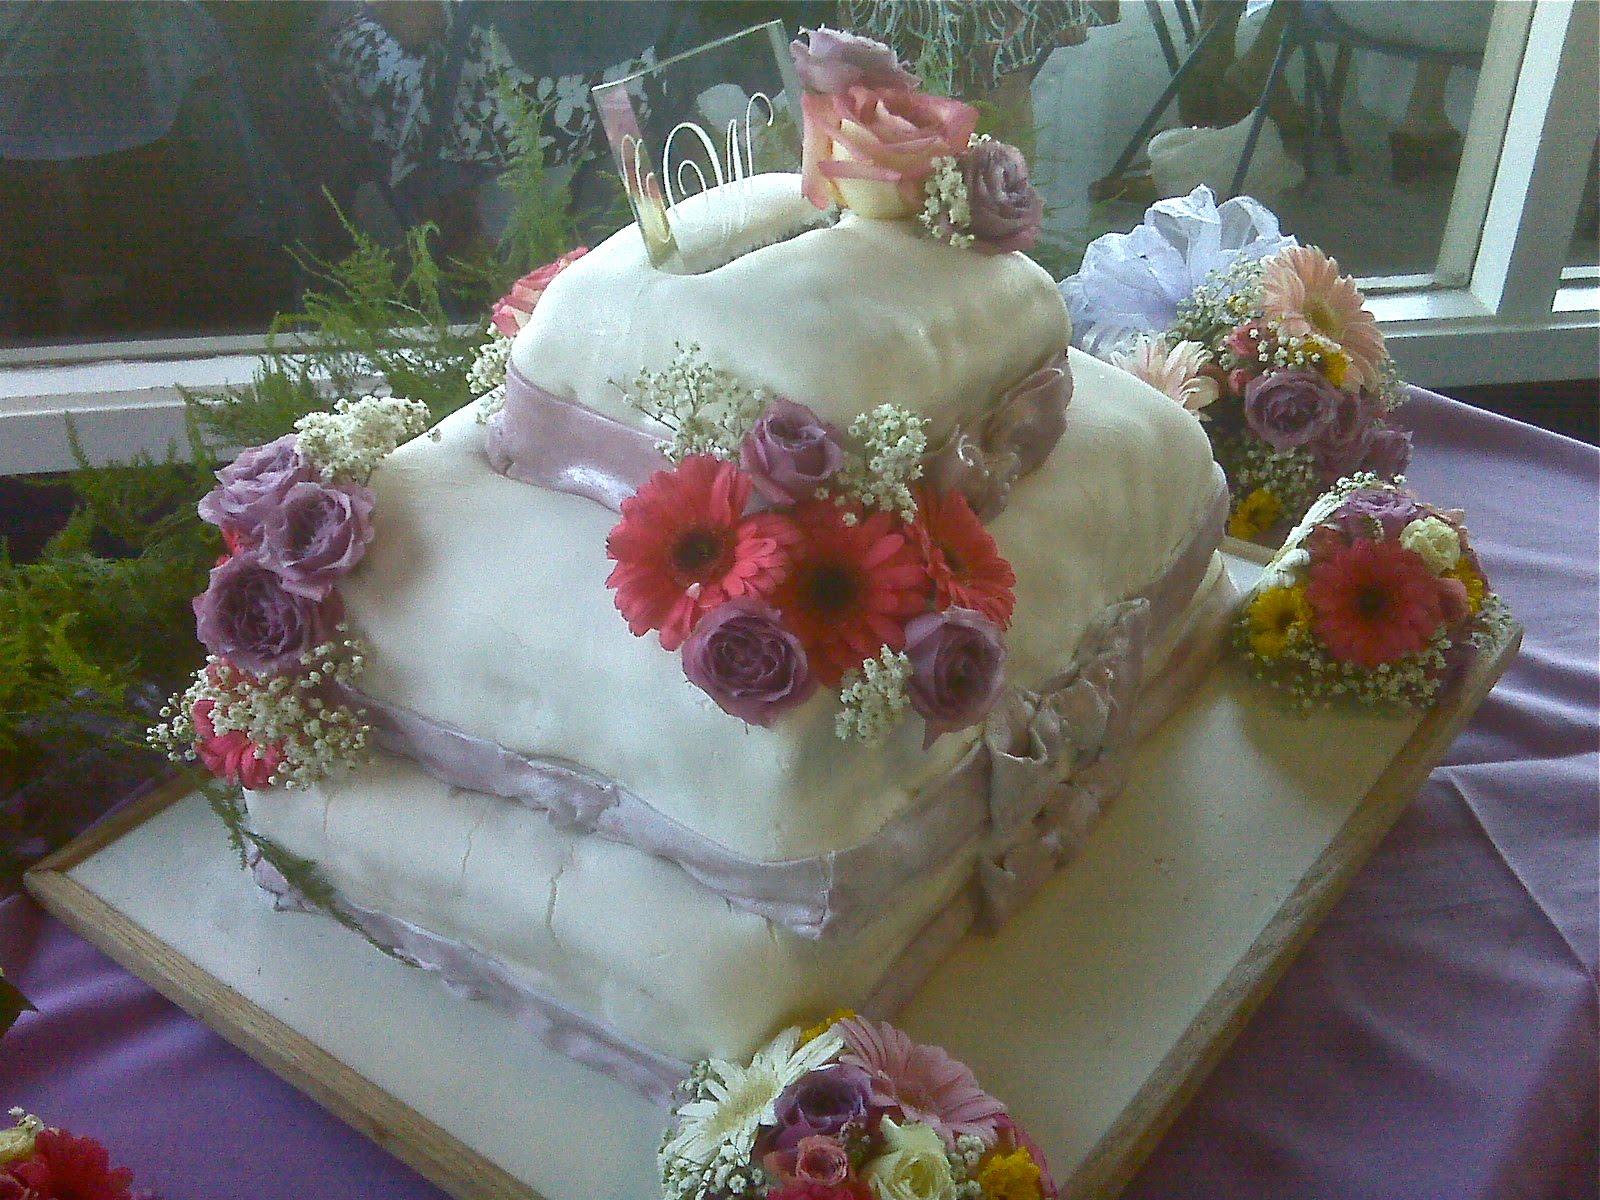 Cake Wrecks Home Who You Callin Pro